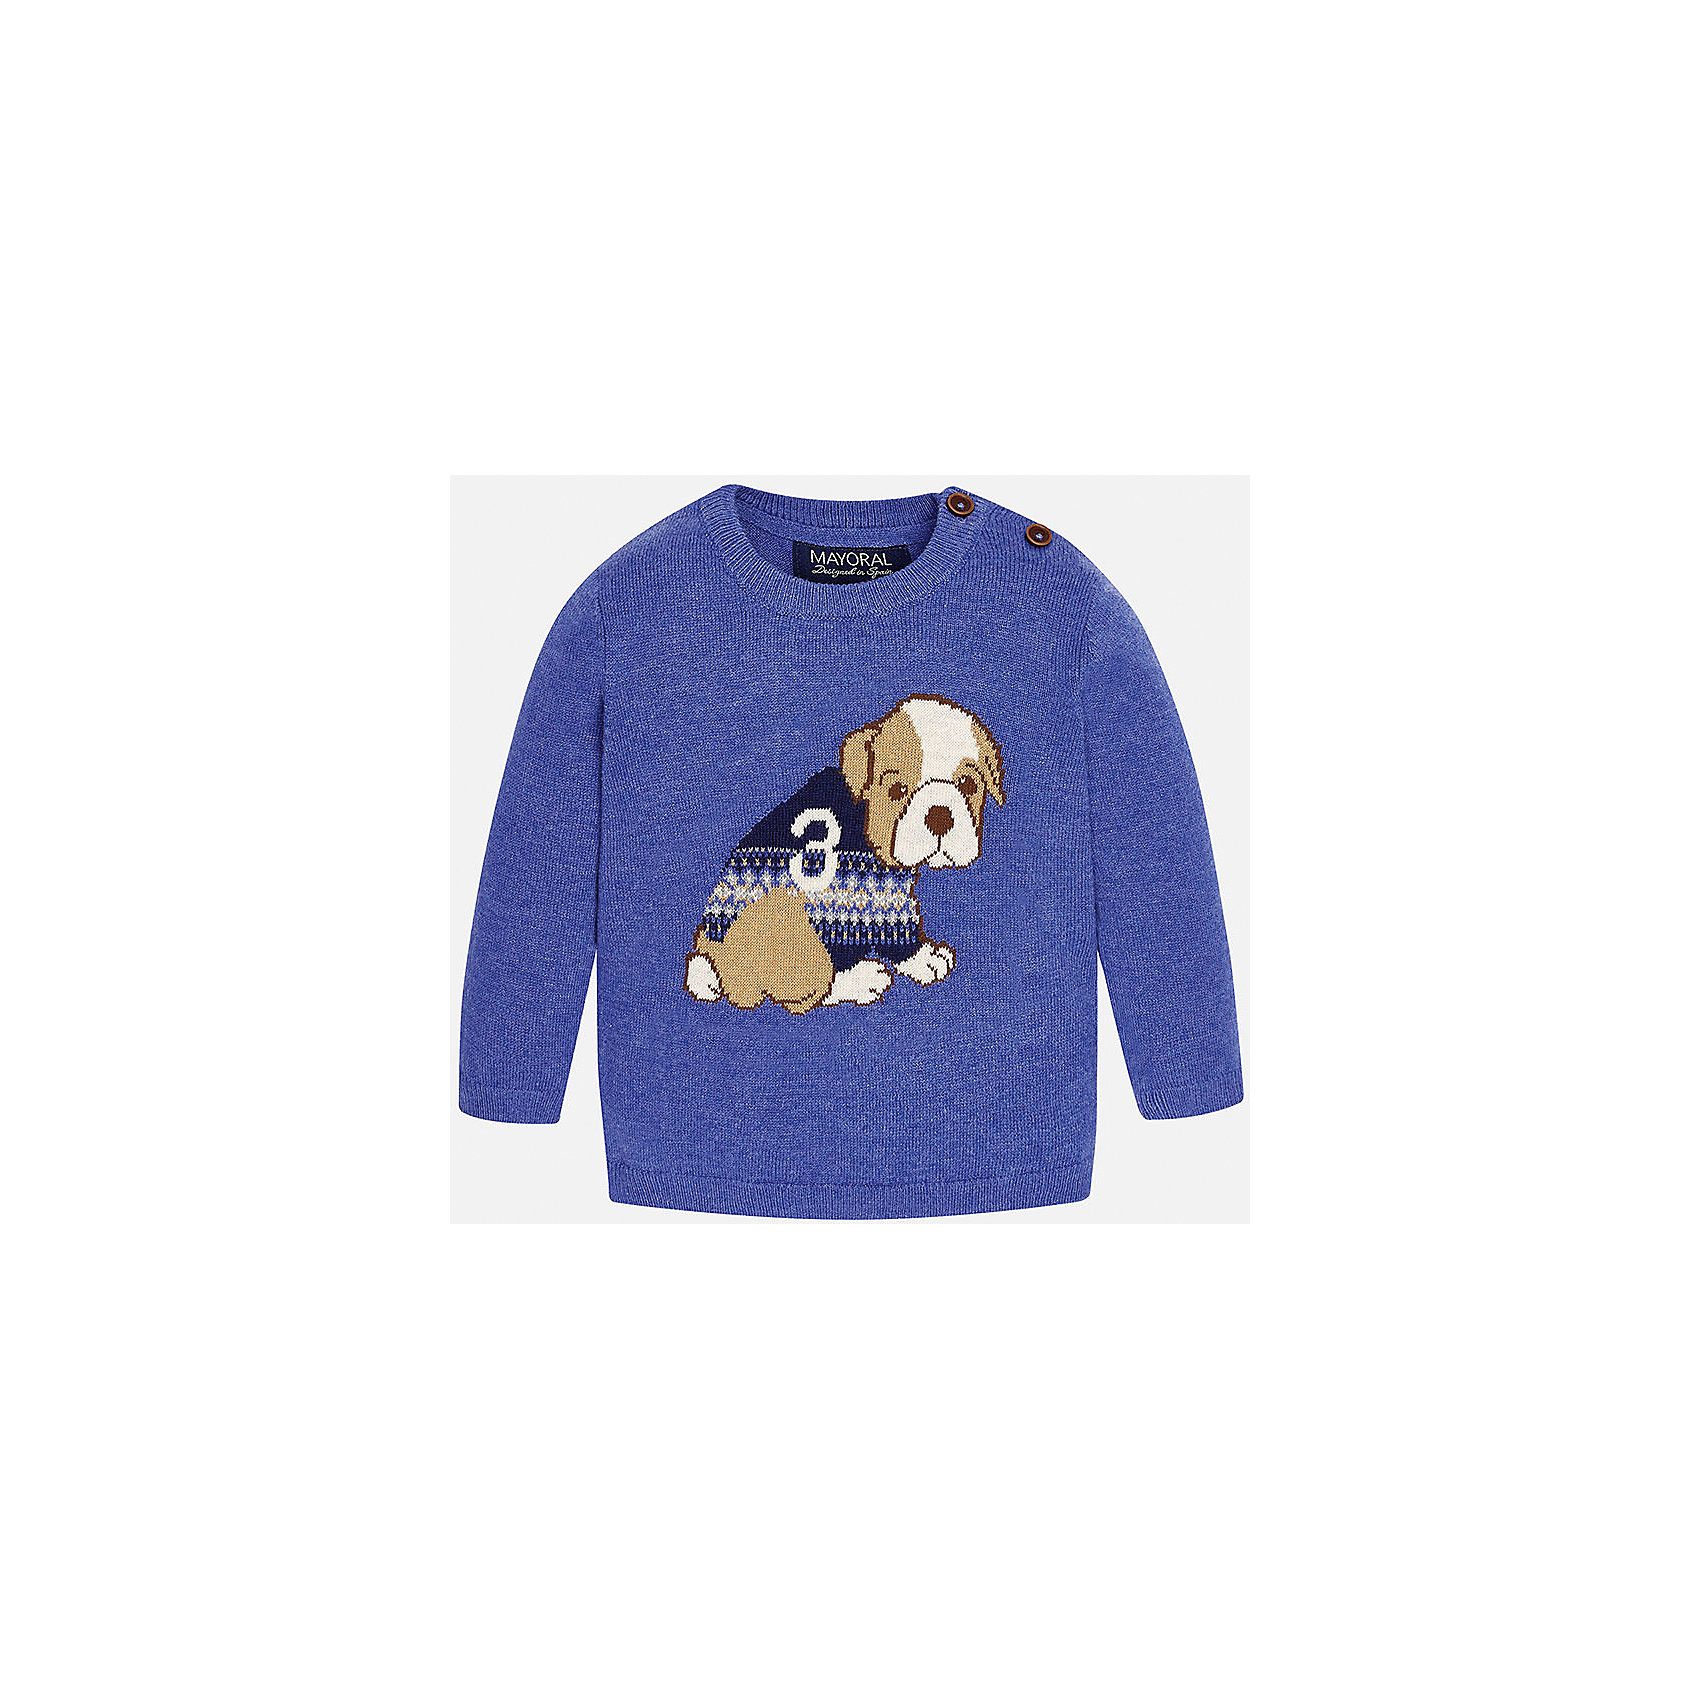 Свитер для мальчика MayoralТолстовки, свитера, кардиганы<br>Свитер для мальчика от известного испанского бренда Mayoral. Изготовлен из качественных дышащих материалов. Имеет 2 пуговицы у ворота и рисунок с собакой спереди. Прекрасный вариант на каждый день!<br>Дополнительная информация:<br>-прямой силуэт<br>-длинные рукава<br>-2 крупных пуговицы у ворота<br>-цвет: фиолетовый<br>-состав: 60% хлопок, 30% полиамид, 10% шерсть<br>Свитер Mayoral можно приобрести в нашем интернет-магазине<br><br>Ширина мм: 190<br>Глубина мм: 74<br>Высота мм: 229<br>Вес г: 236<br>Цвет: лиловый<br>Возраст от месяцев: 6<br>Возраст до месяцев: 9<br>Пол: Мужской<br>Возраст: Детский<br>Размер: 74,80,92,86<br>SKU: 4820611